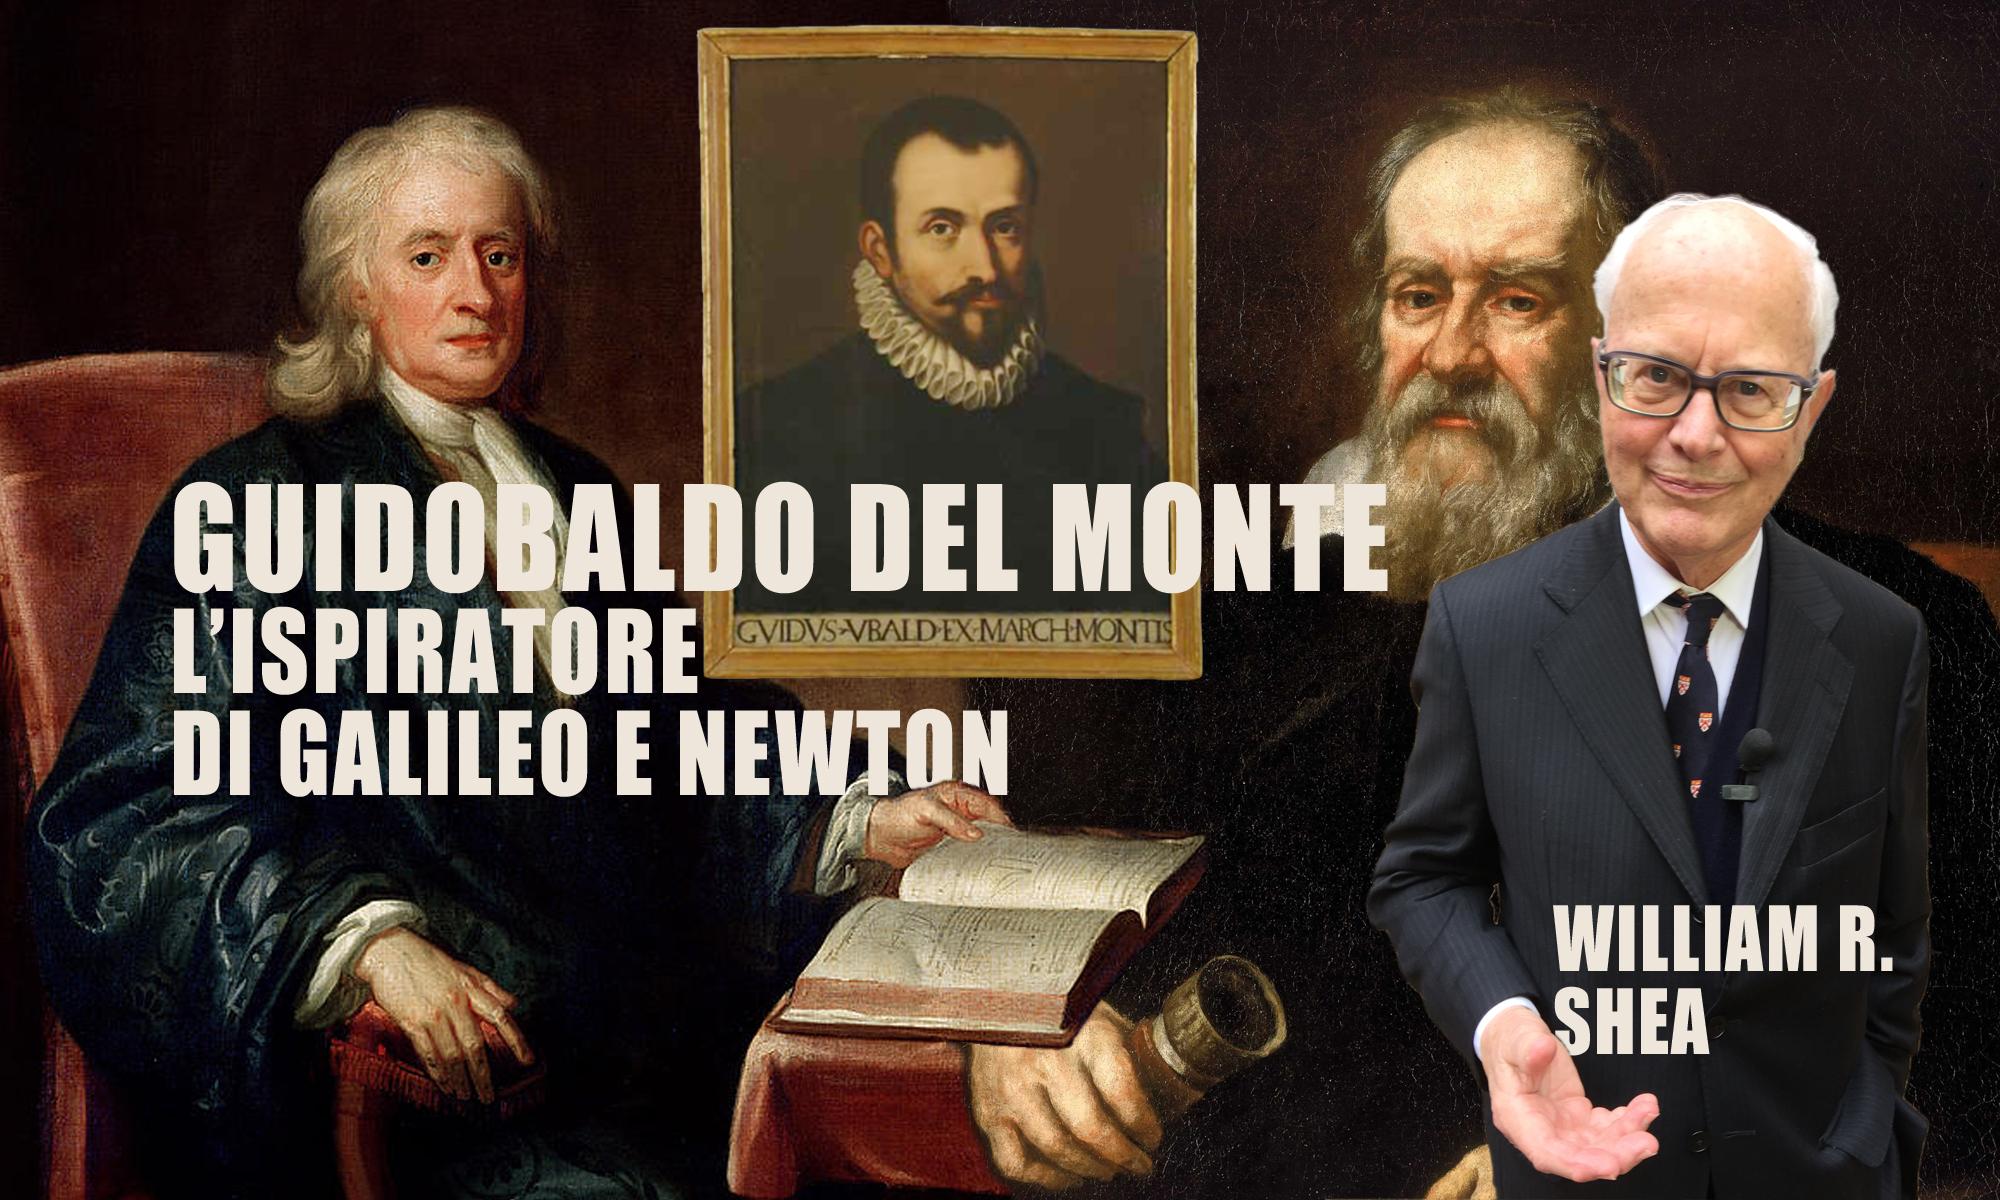 Novantanovesima puntata. Guidobaldo del Monte, il matematico che influenzò Galileo e Newton